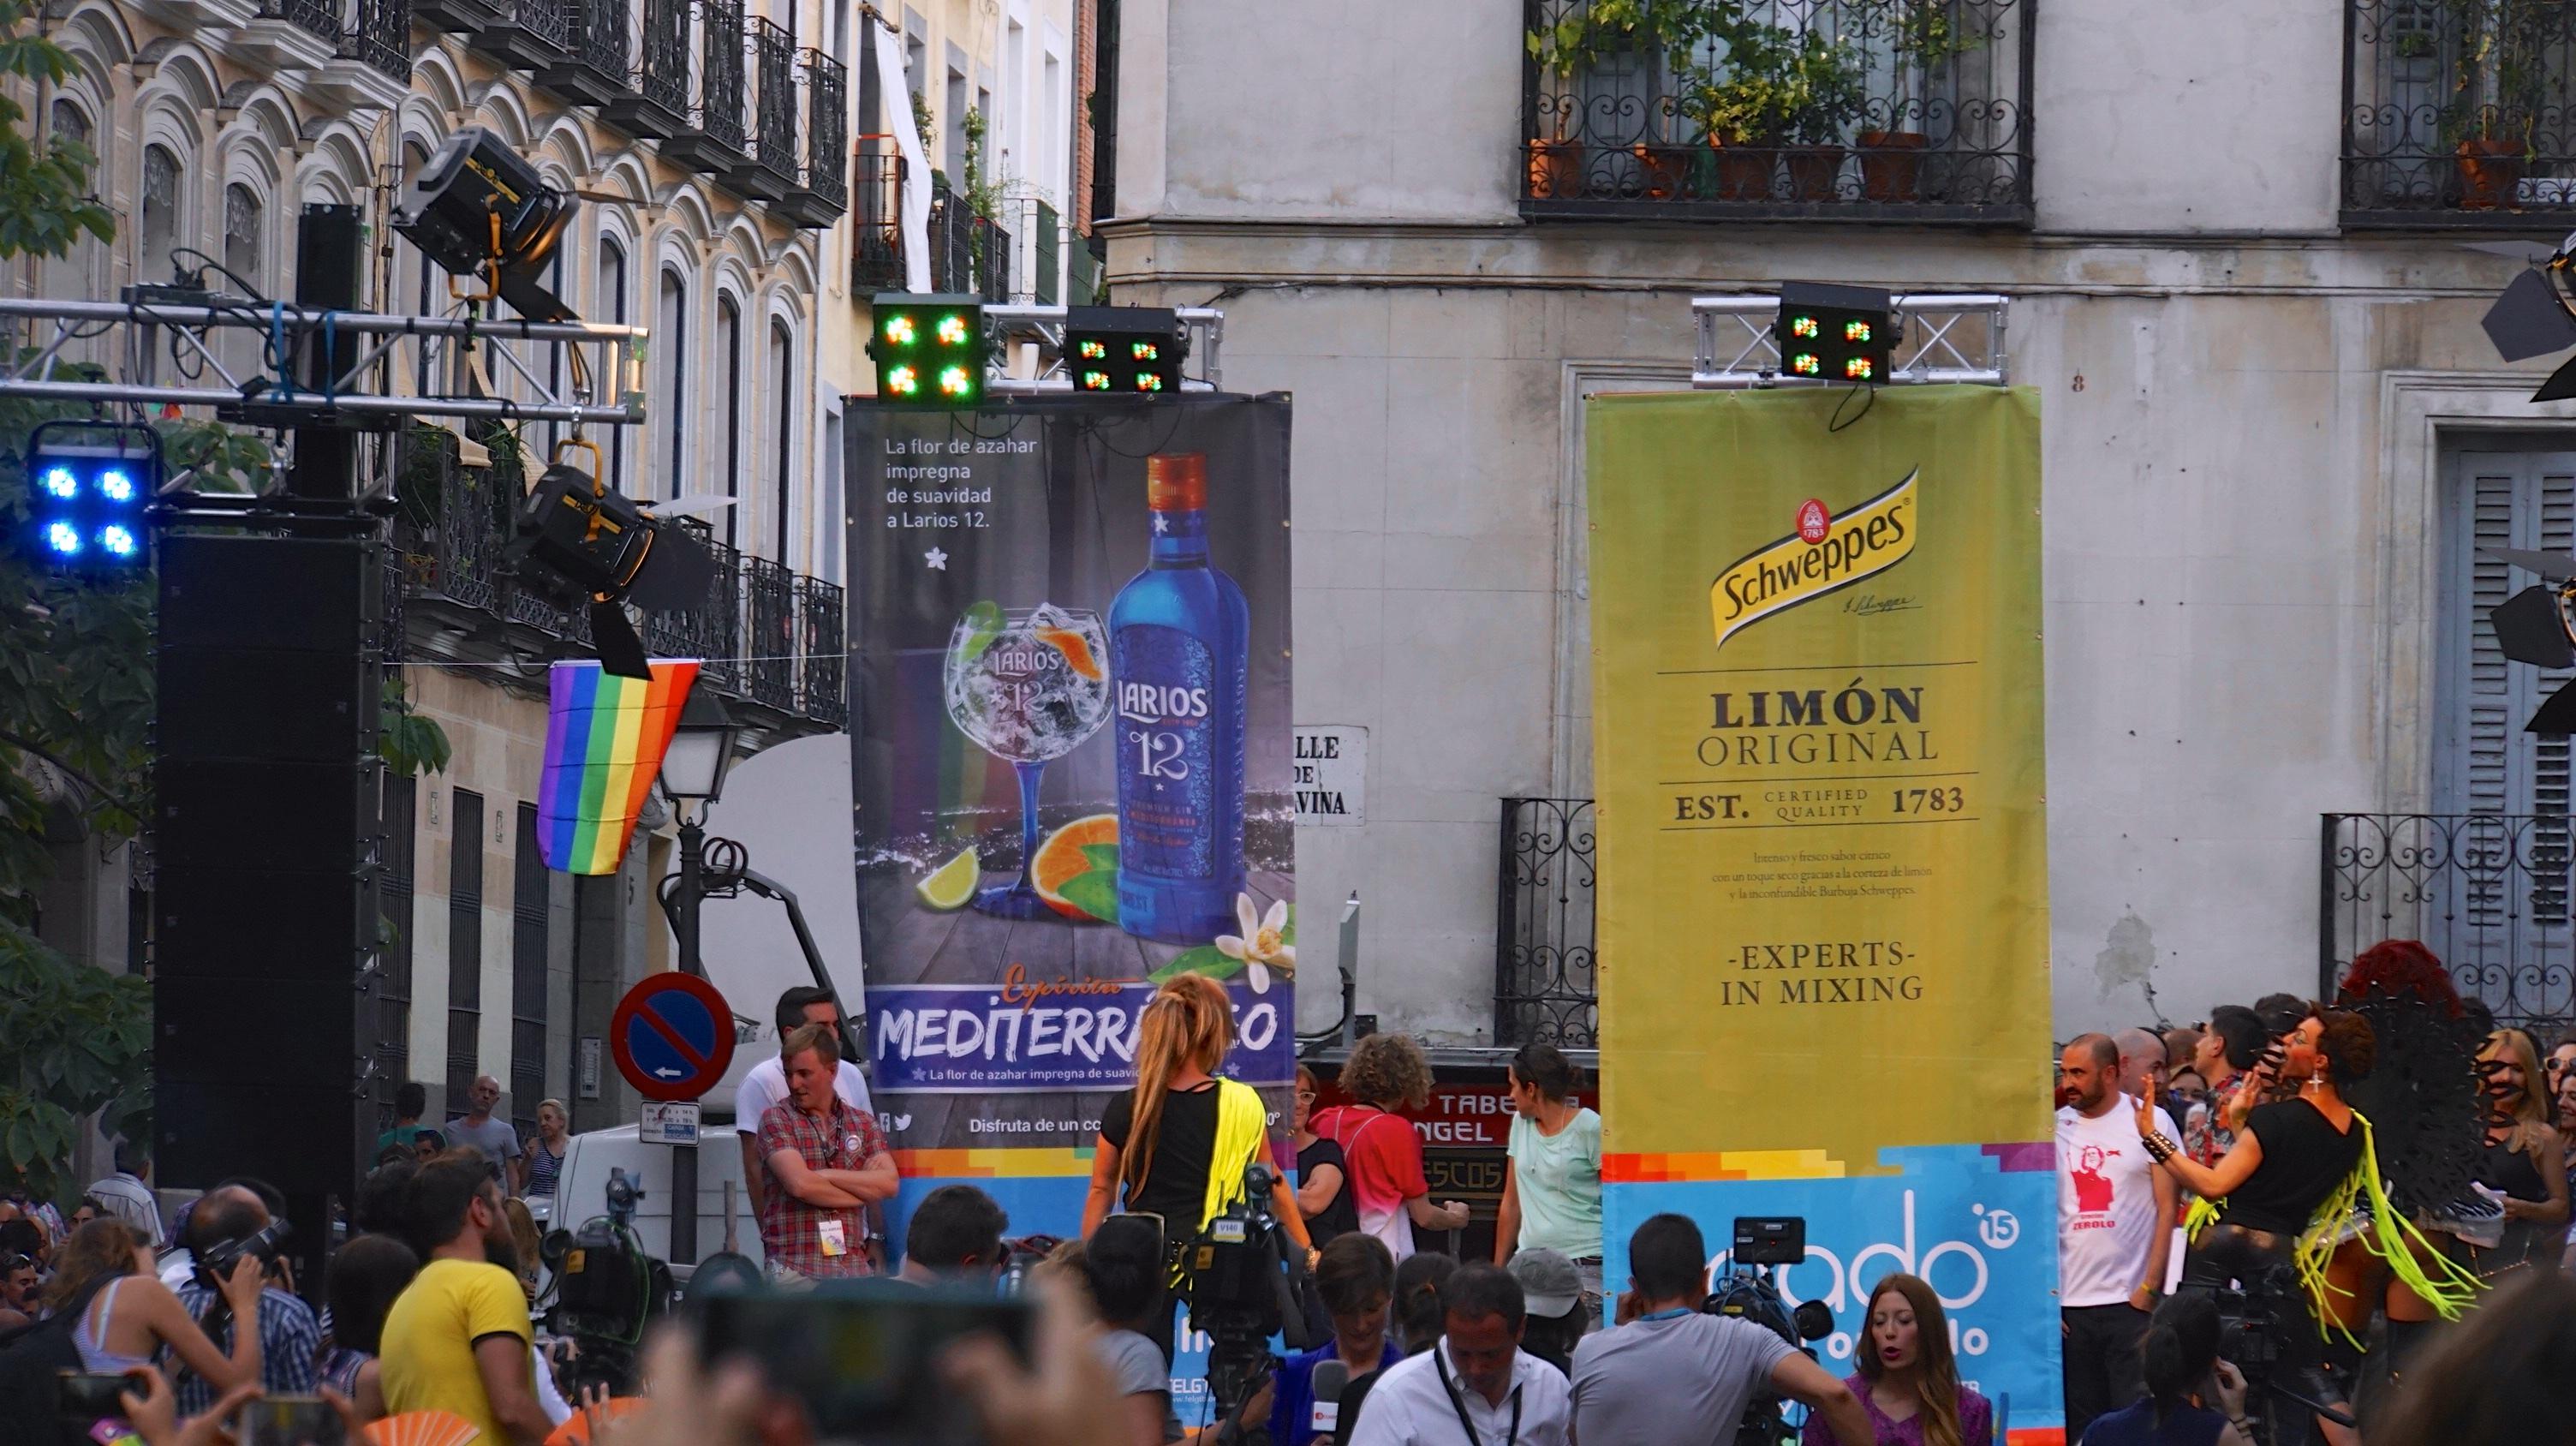 Annonces Coquines Hommes, Femmes Et Couples Libertins Et Libertines De Cherbourg